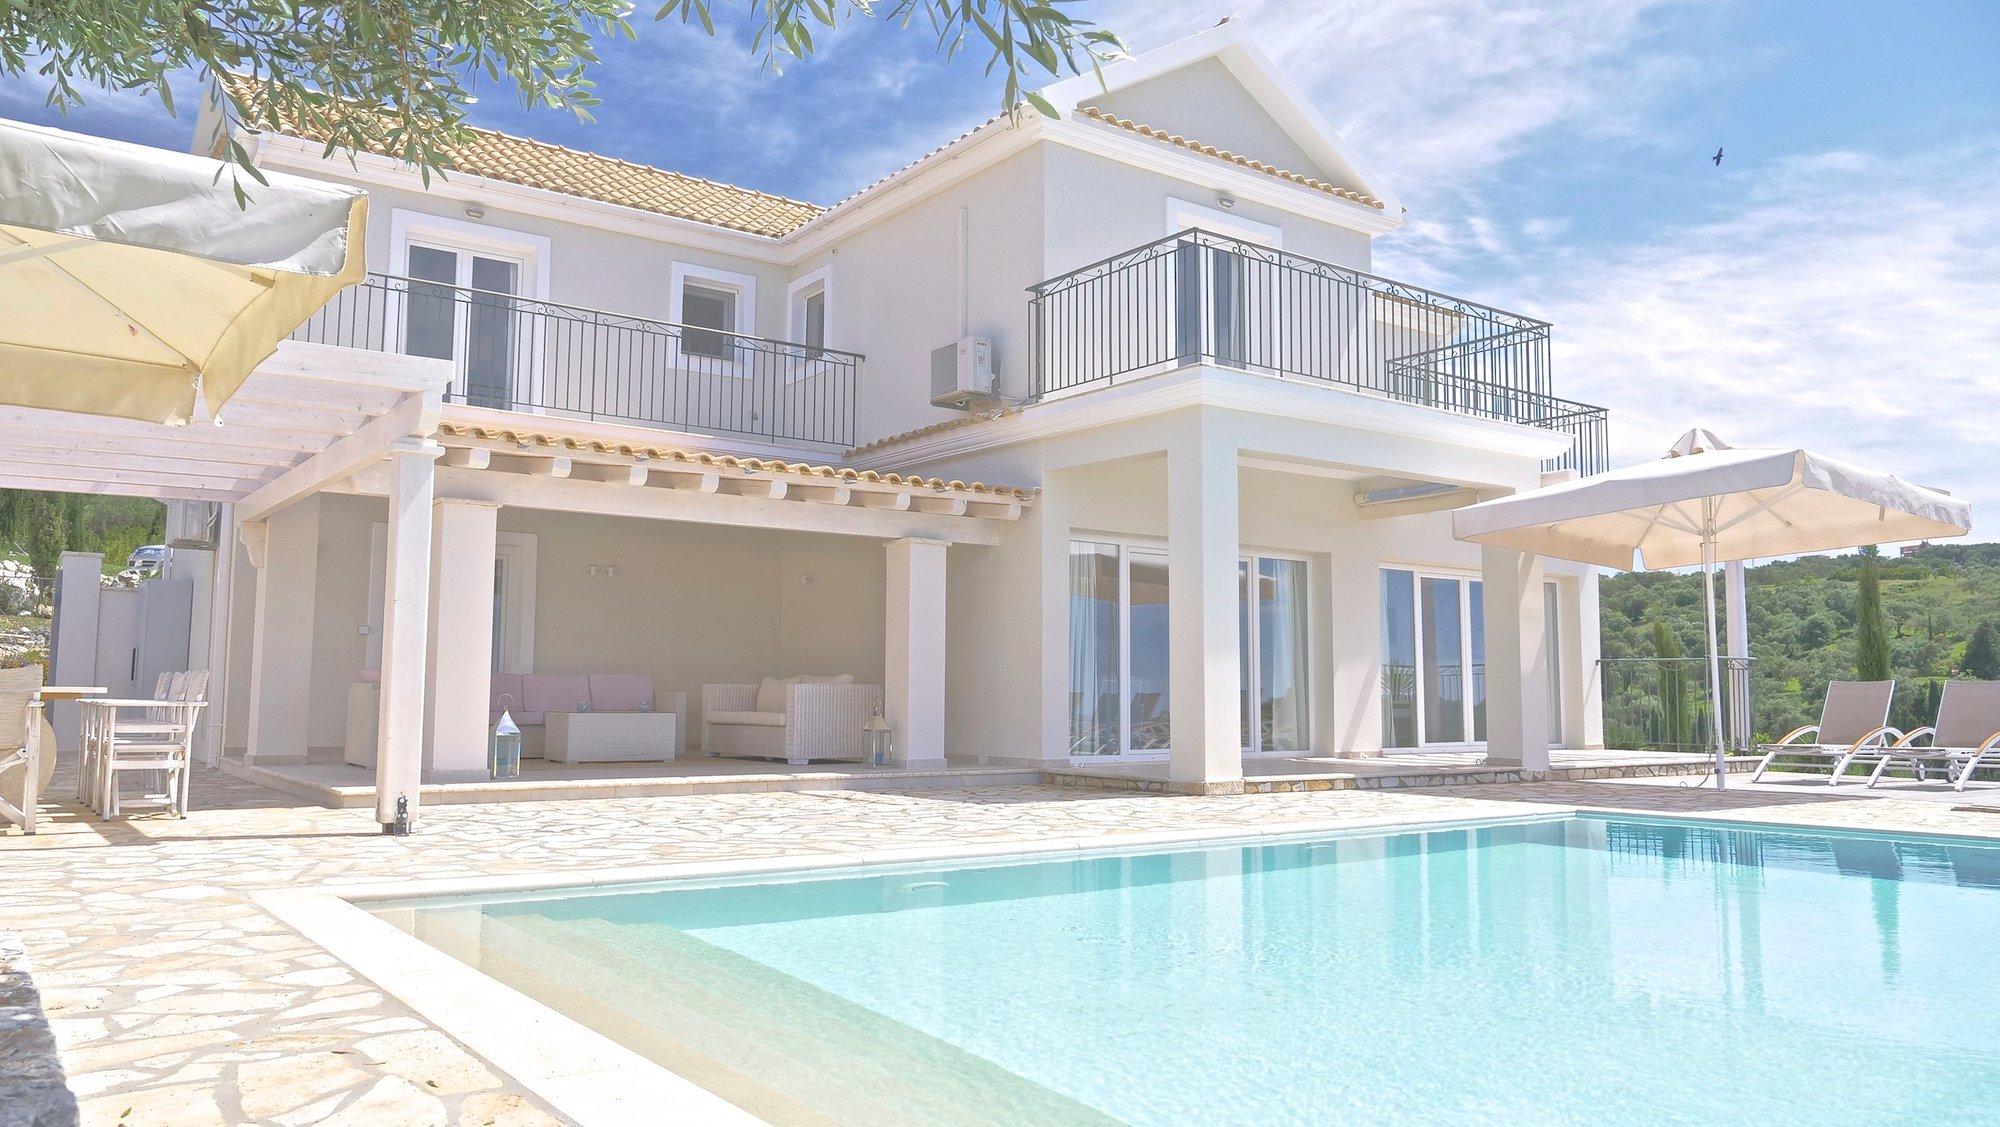 House in Arillas Agiou Georgiou, Greece 1